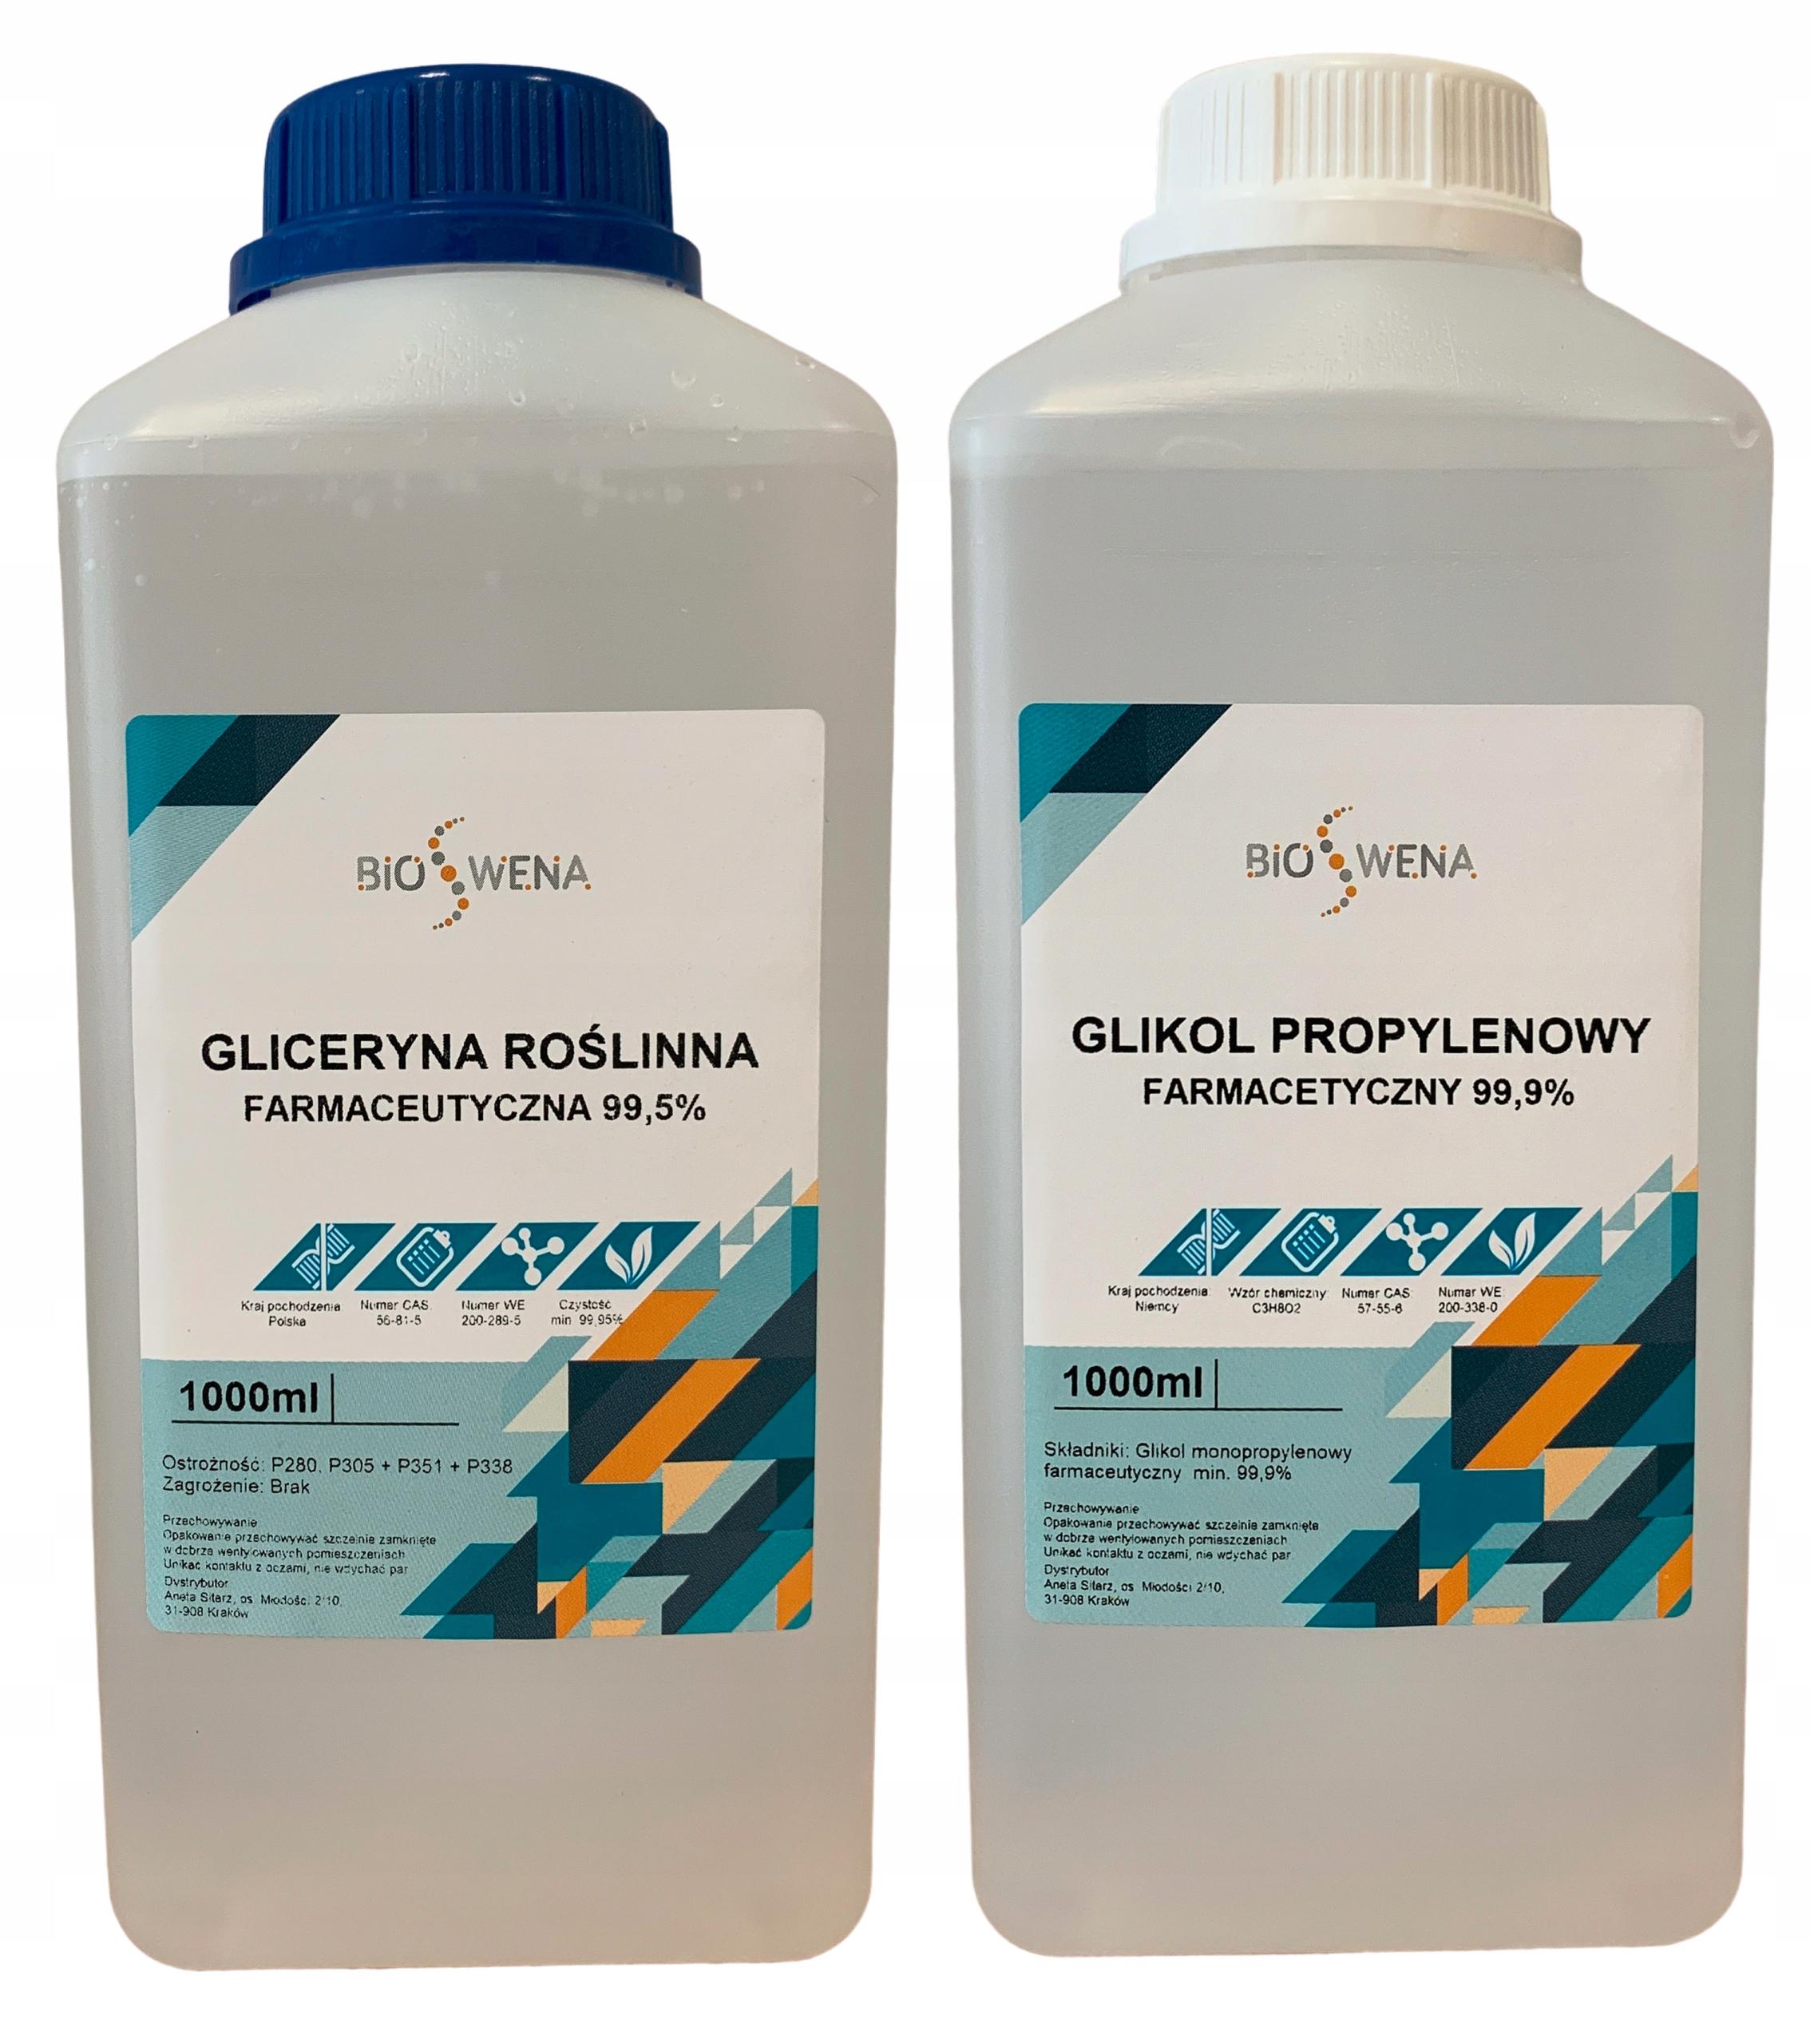 GLICERYNA ROŚLINNA + GLIKOL PROPYLENOWY FARMAC 2L